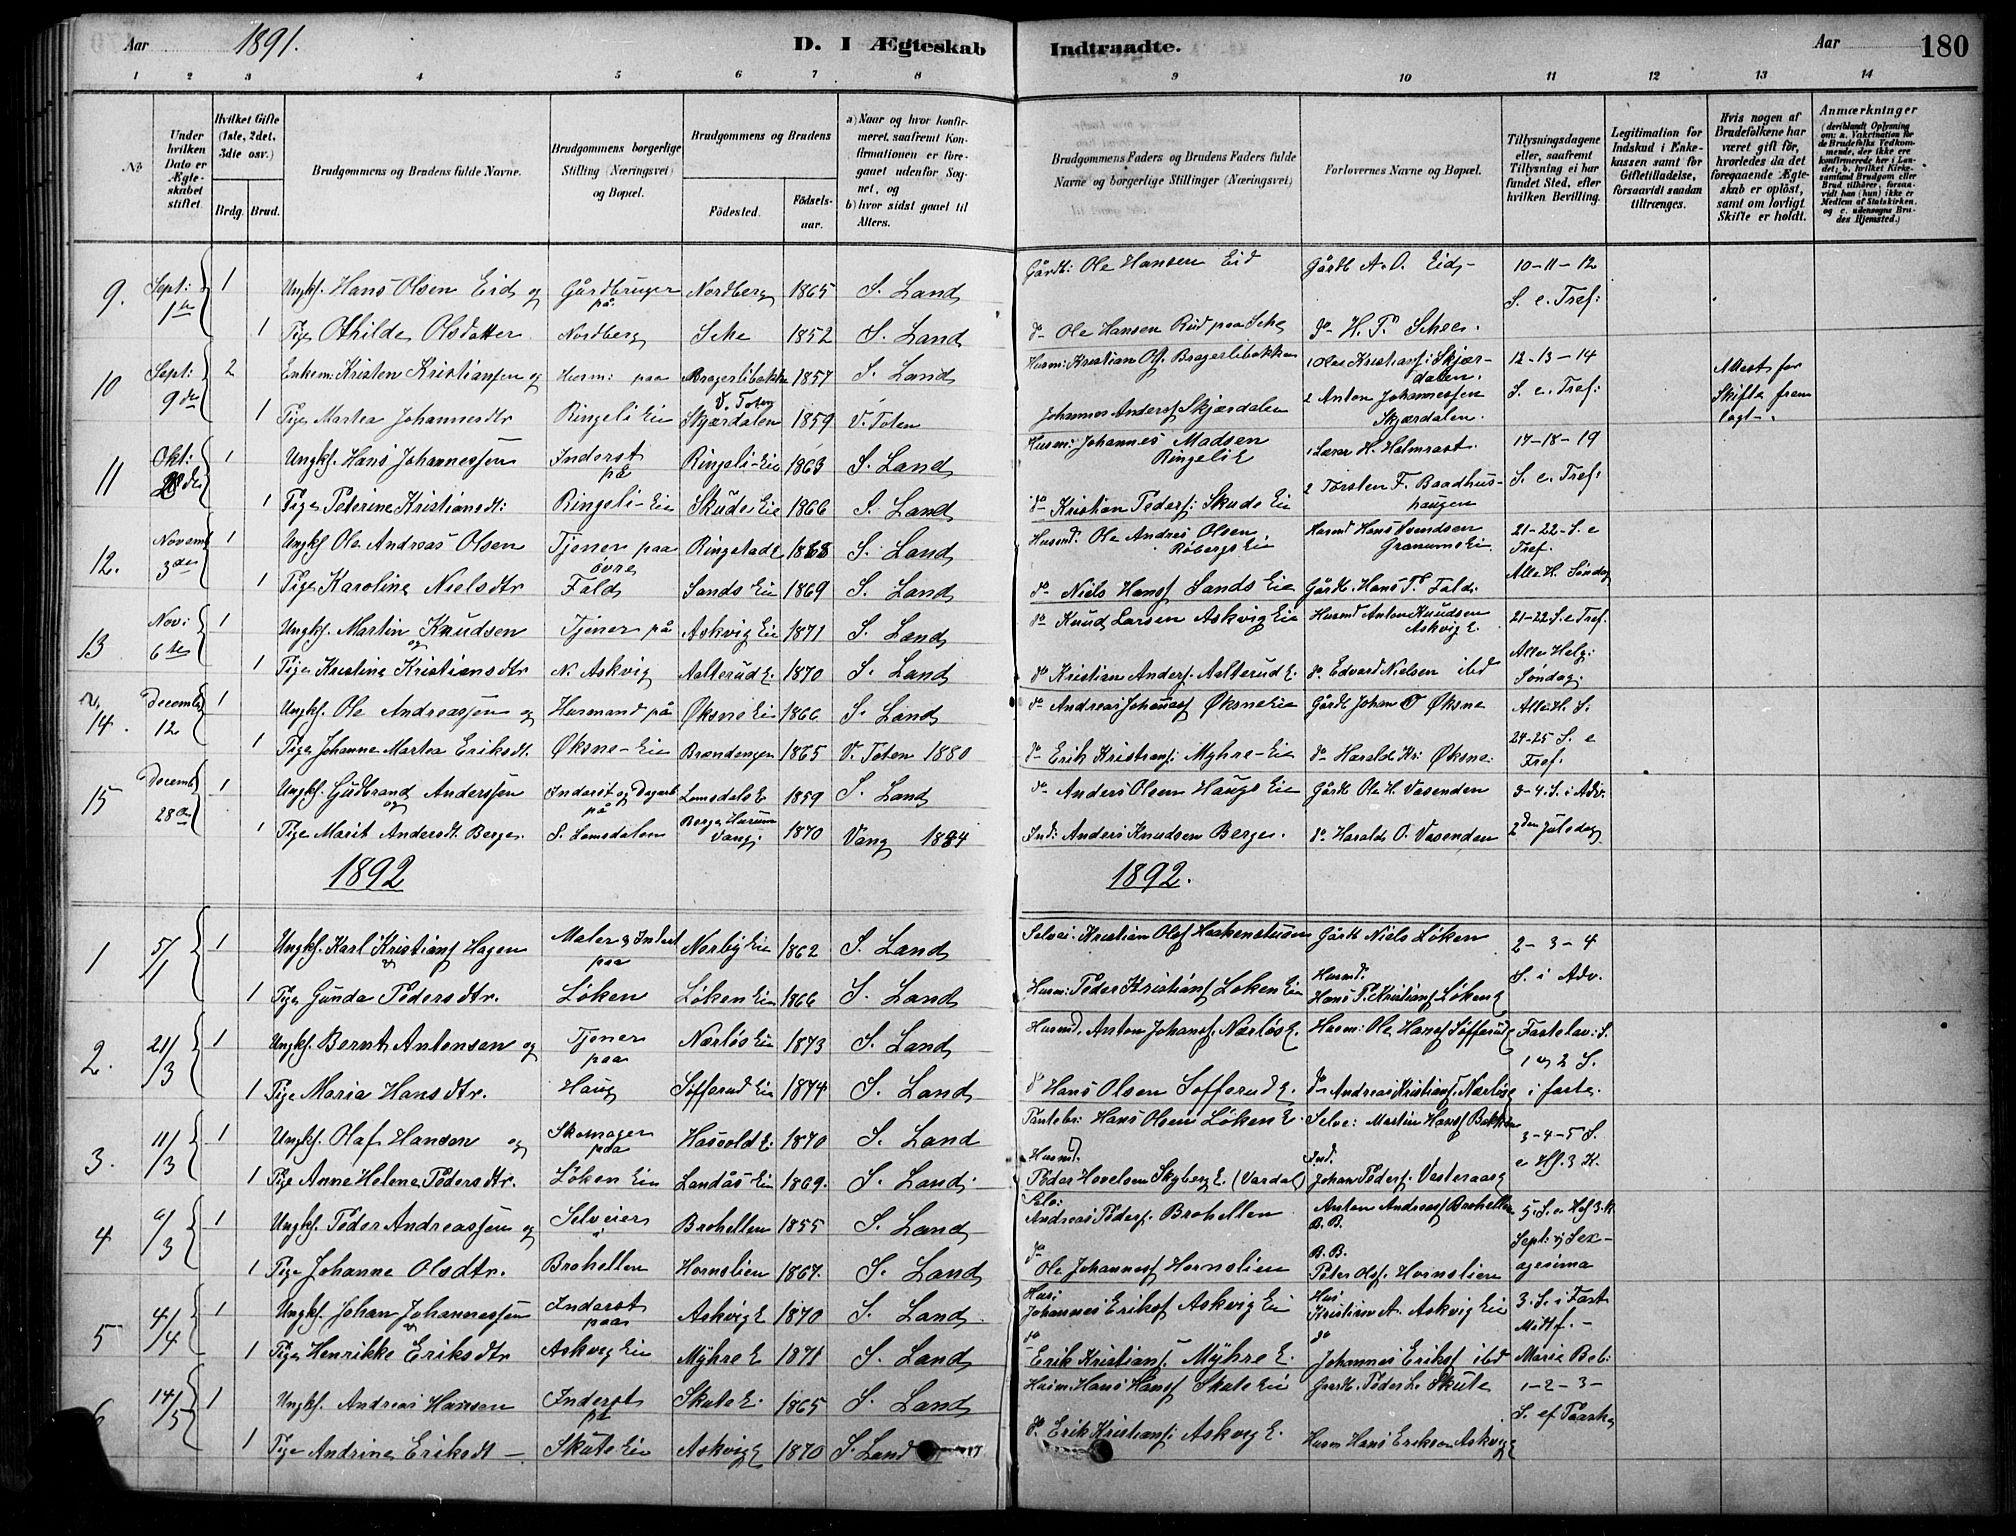 SAH, Søndre Land prestekontor, K/L0003: Ministerialbok nr. 3, 1878-1894, s. 180